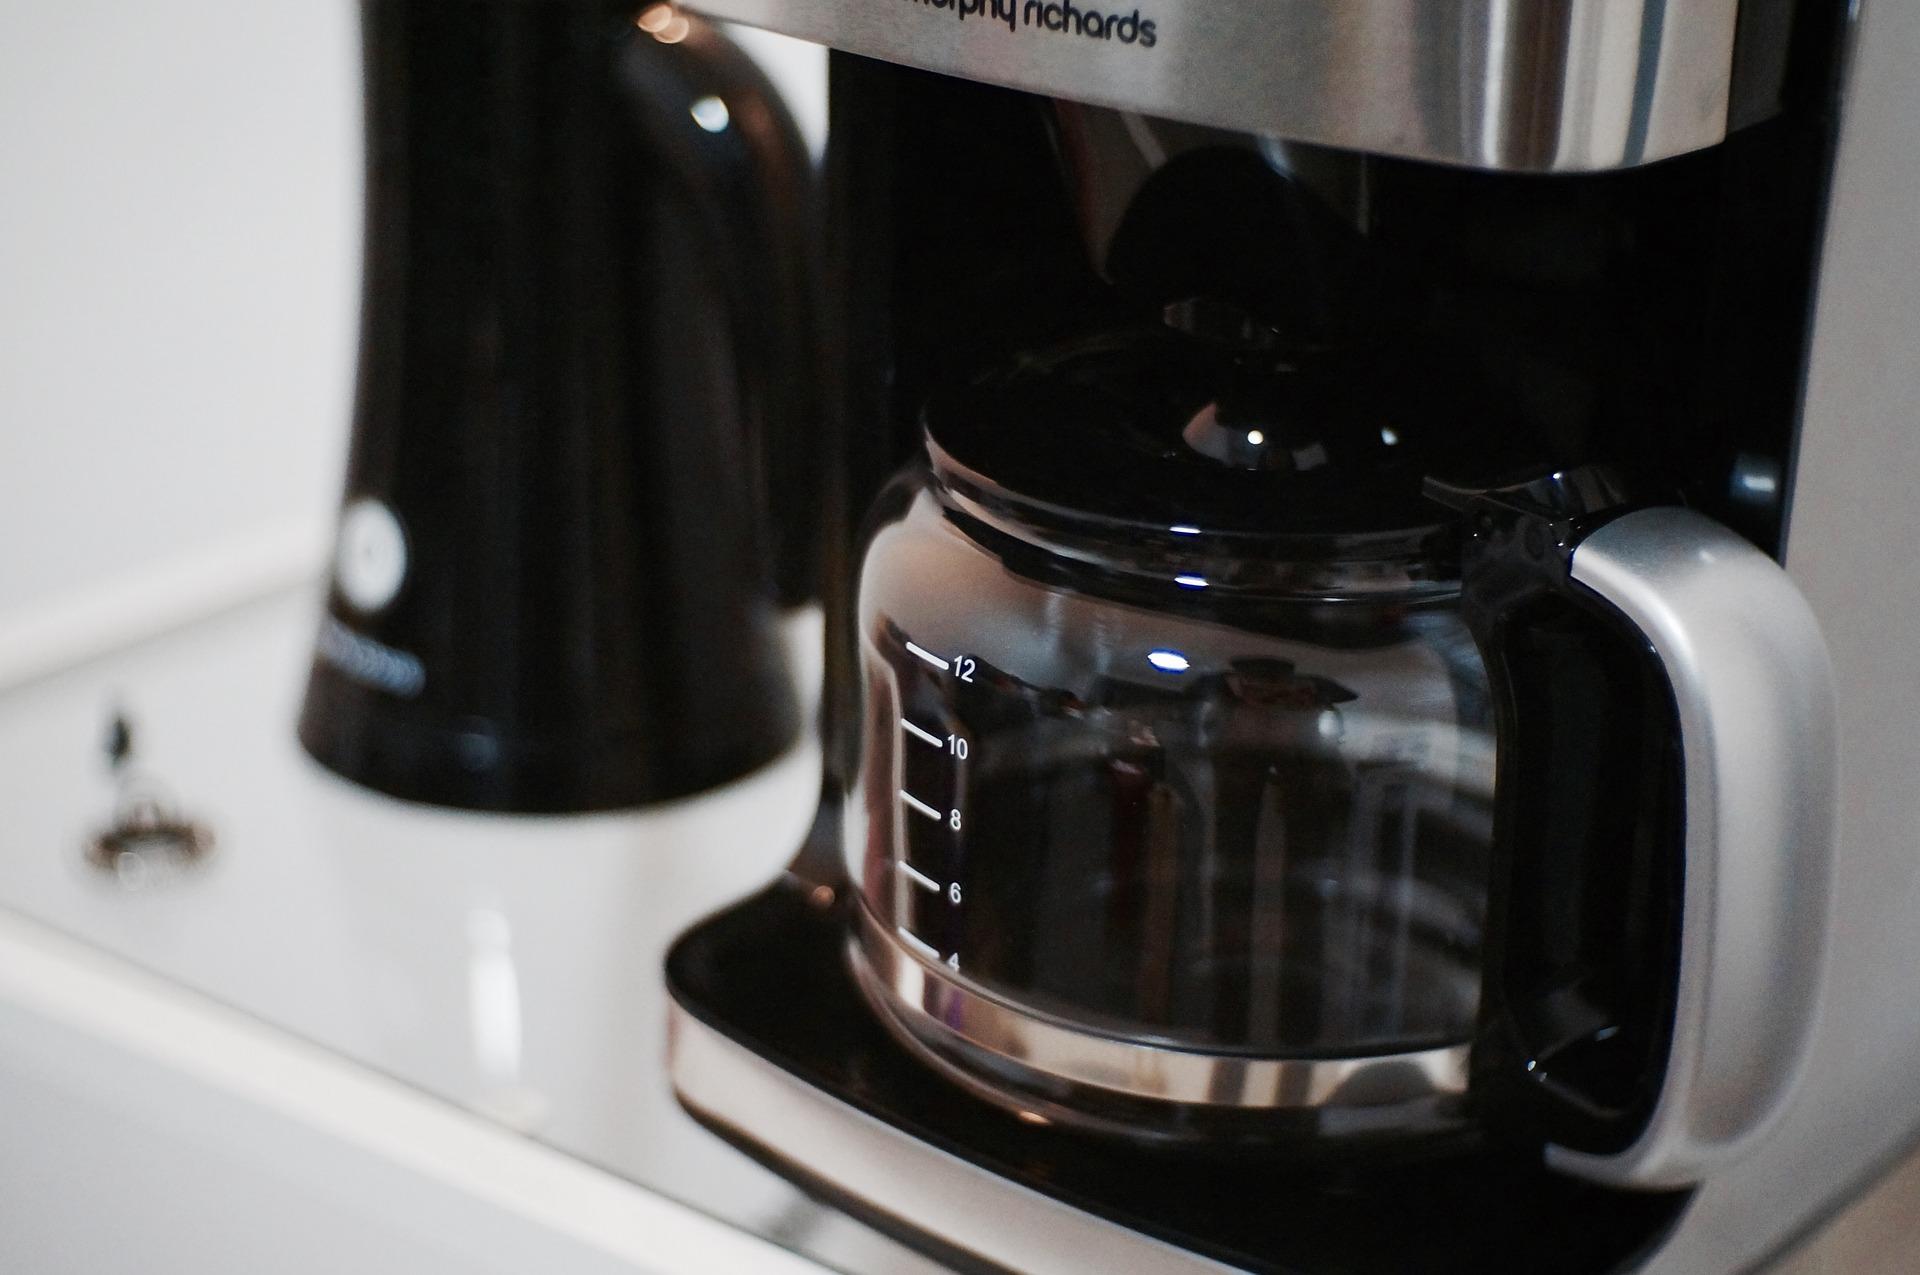 Comment bien détartrer une cafetière?